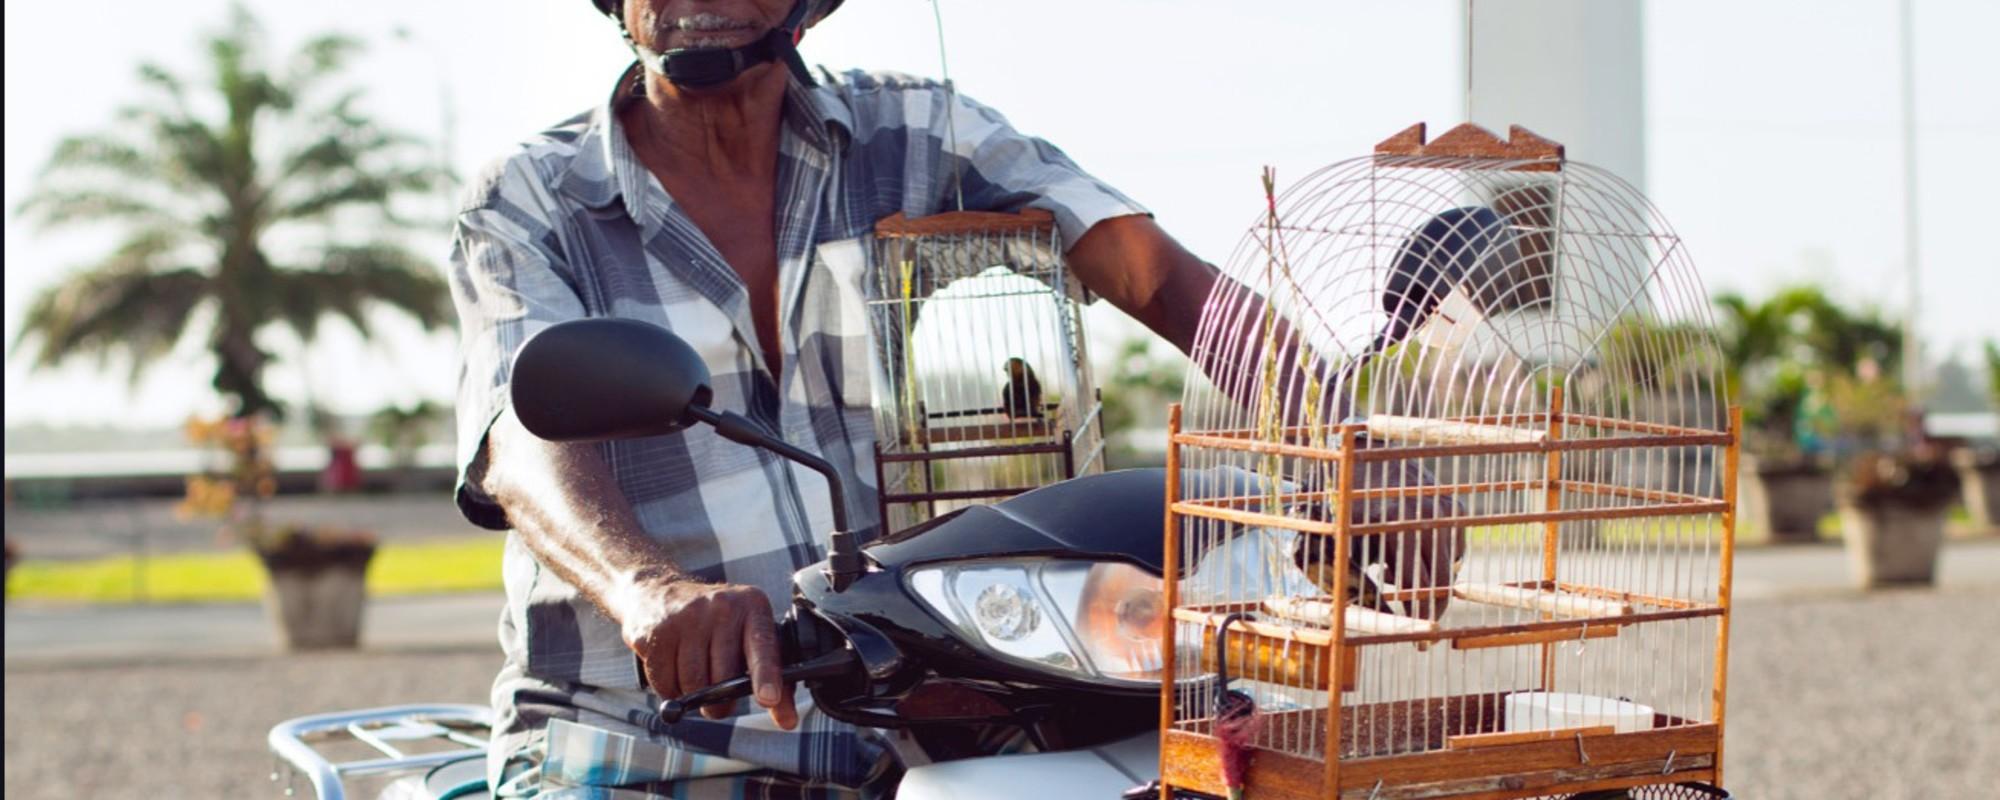 De vogelmannen van Paramaribo